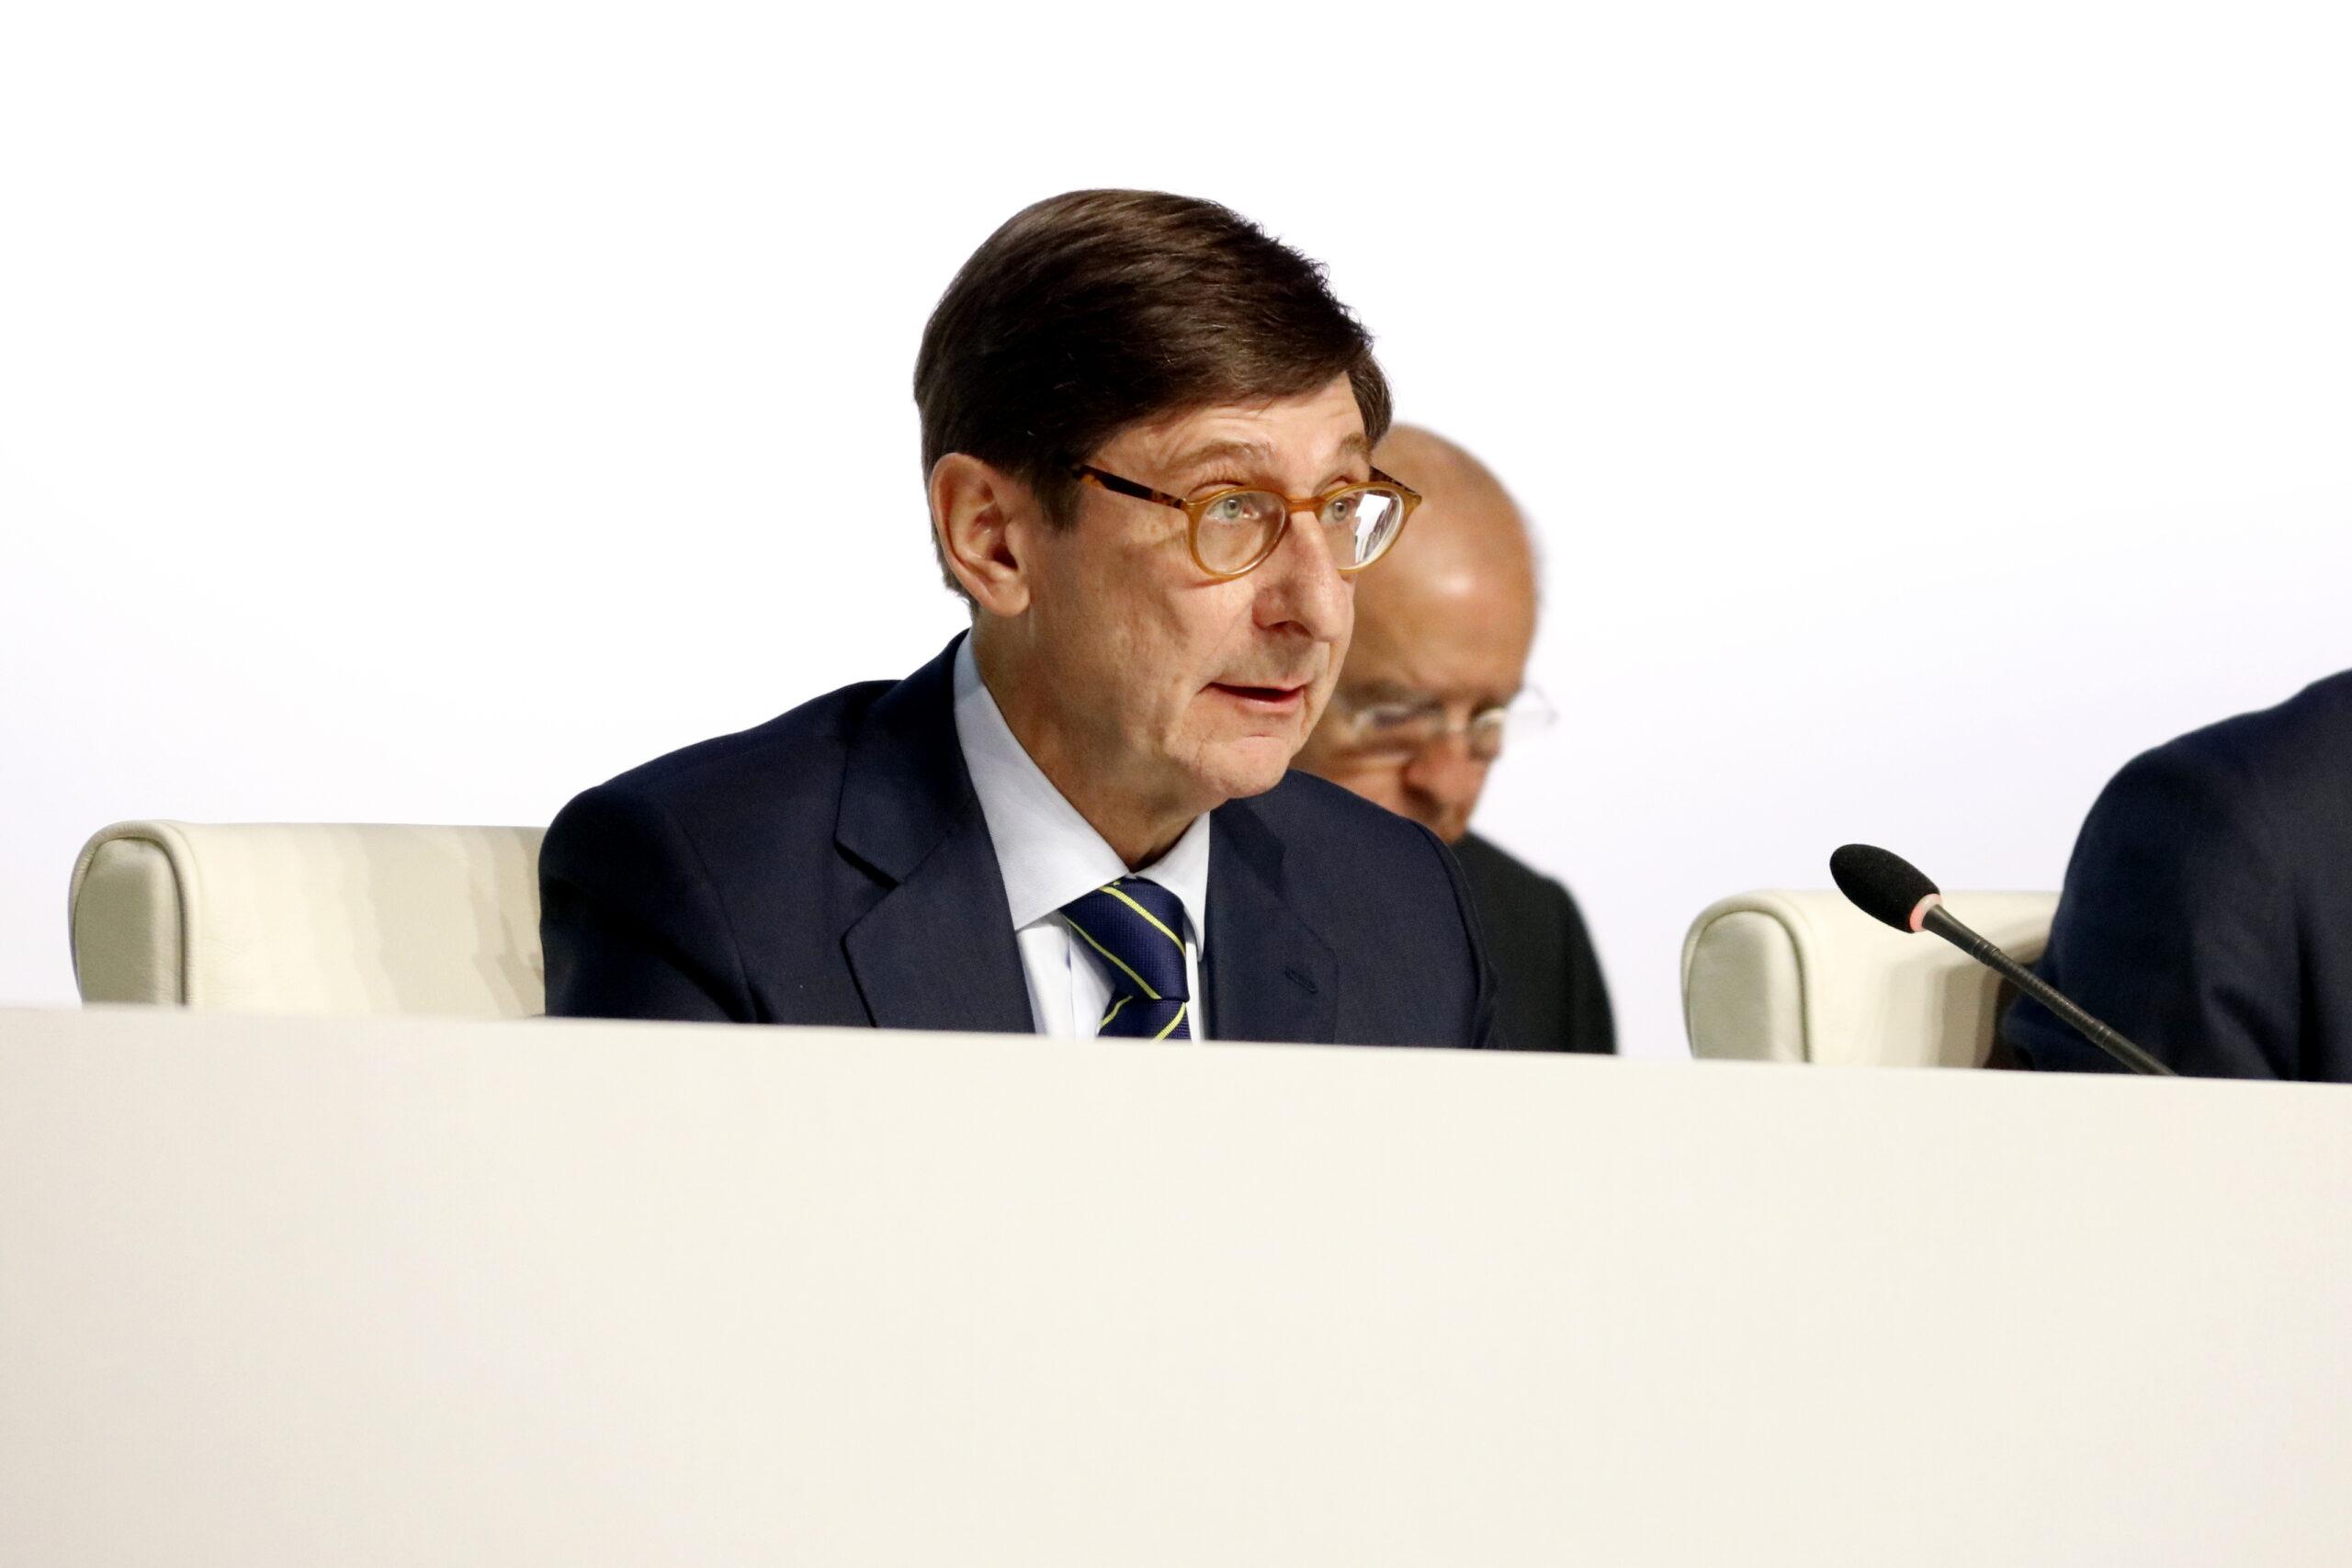 José Ignacio Goirigolzarri intervenint en una junta general d'accionistes   ACN